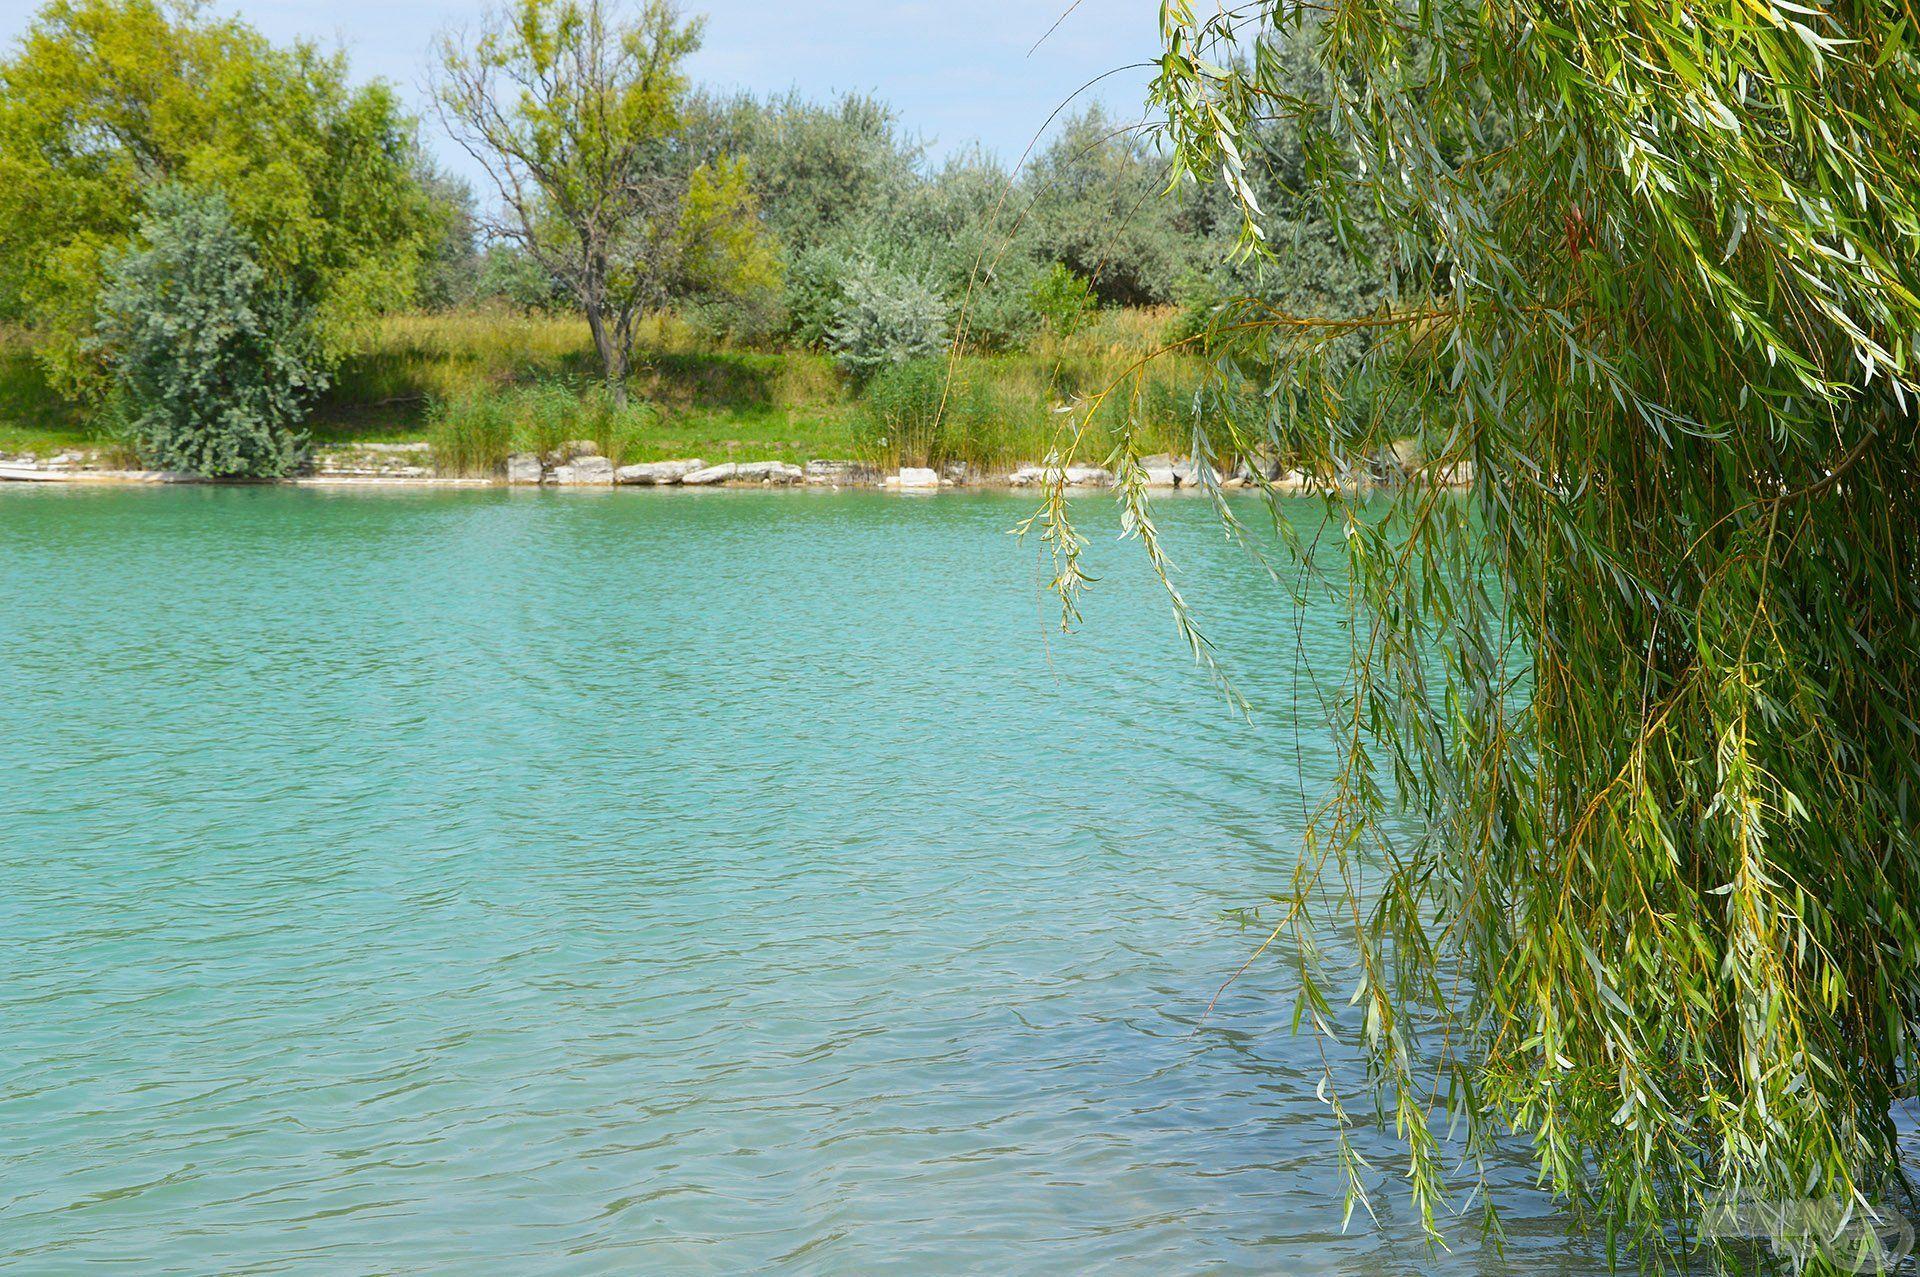 Elképesztően szép ez a víz… Túl azon, hogy kristálytiszta, a környezet is olyan látványt nyújt, amin jólesik végigsétáltatni a tekintetünket